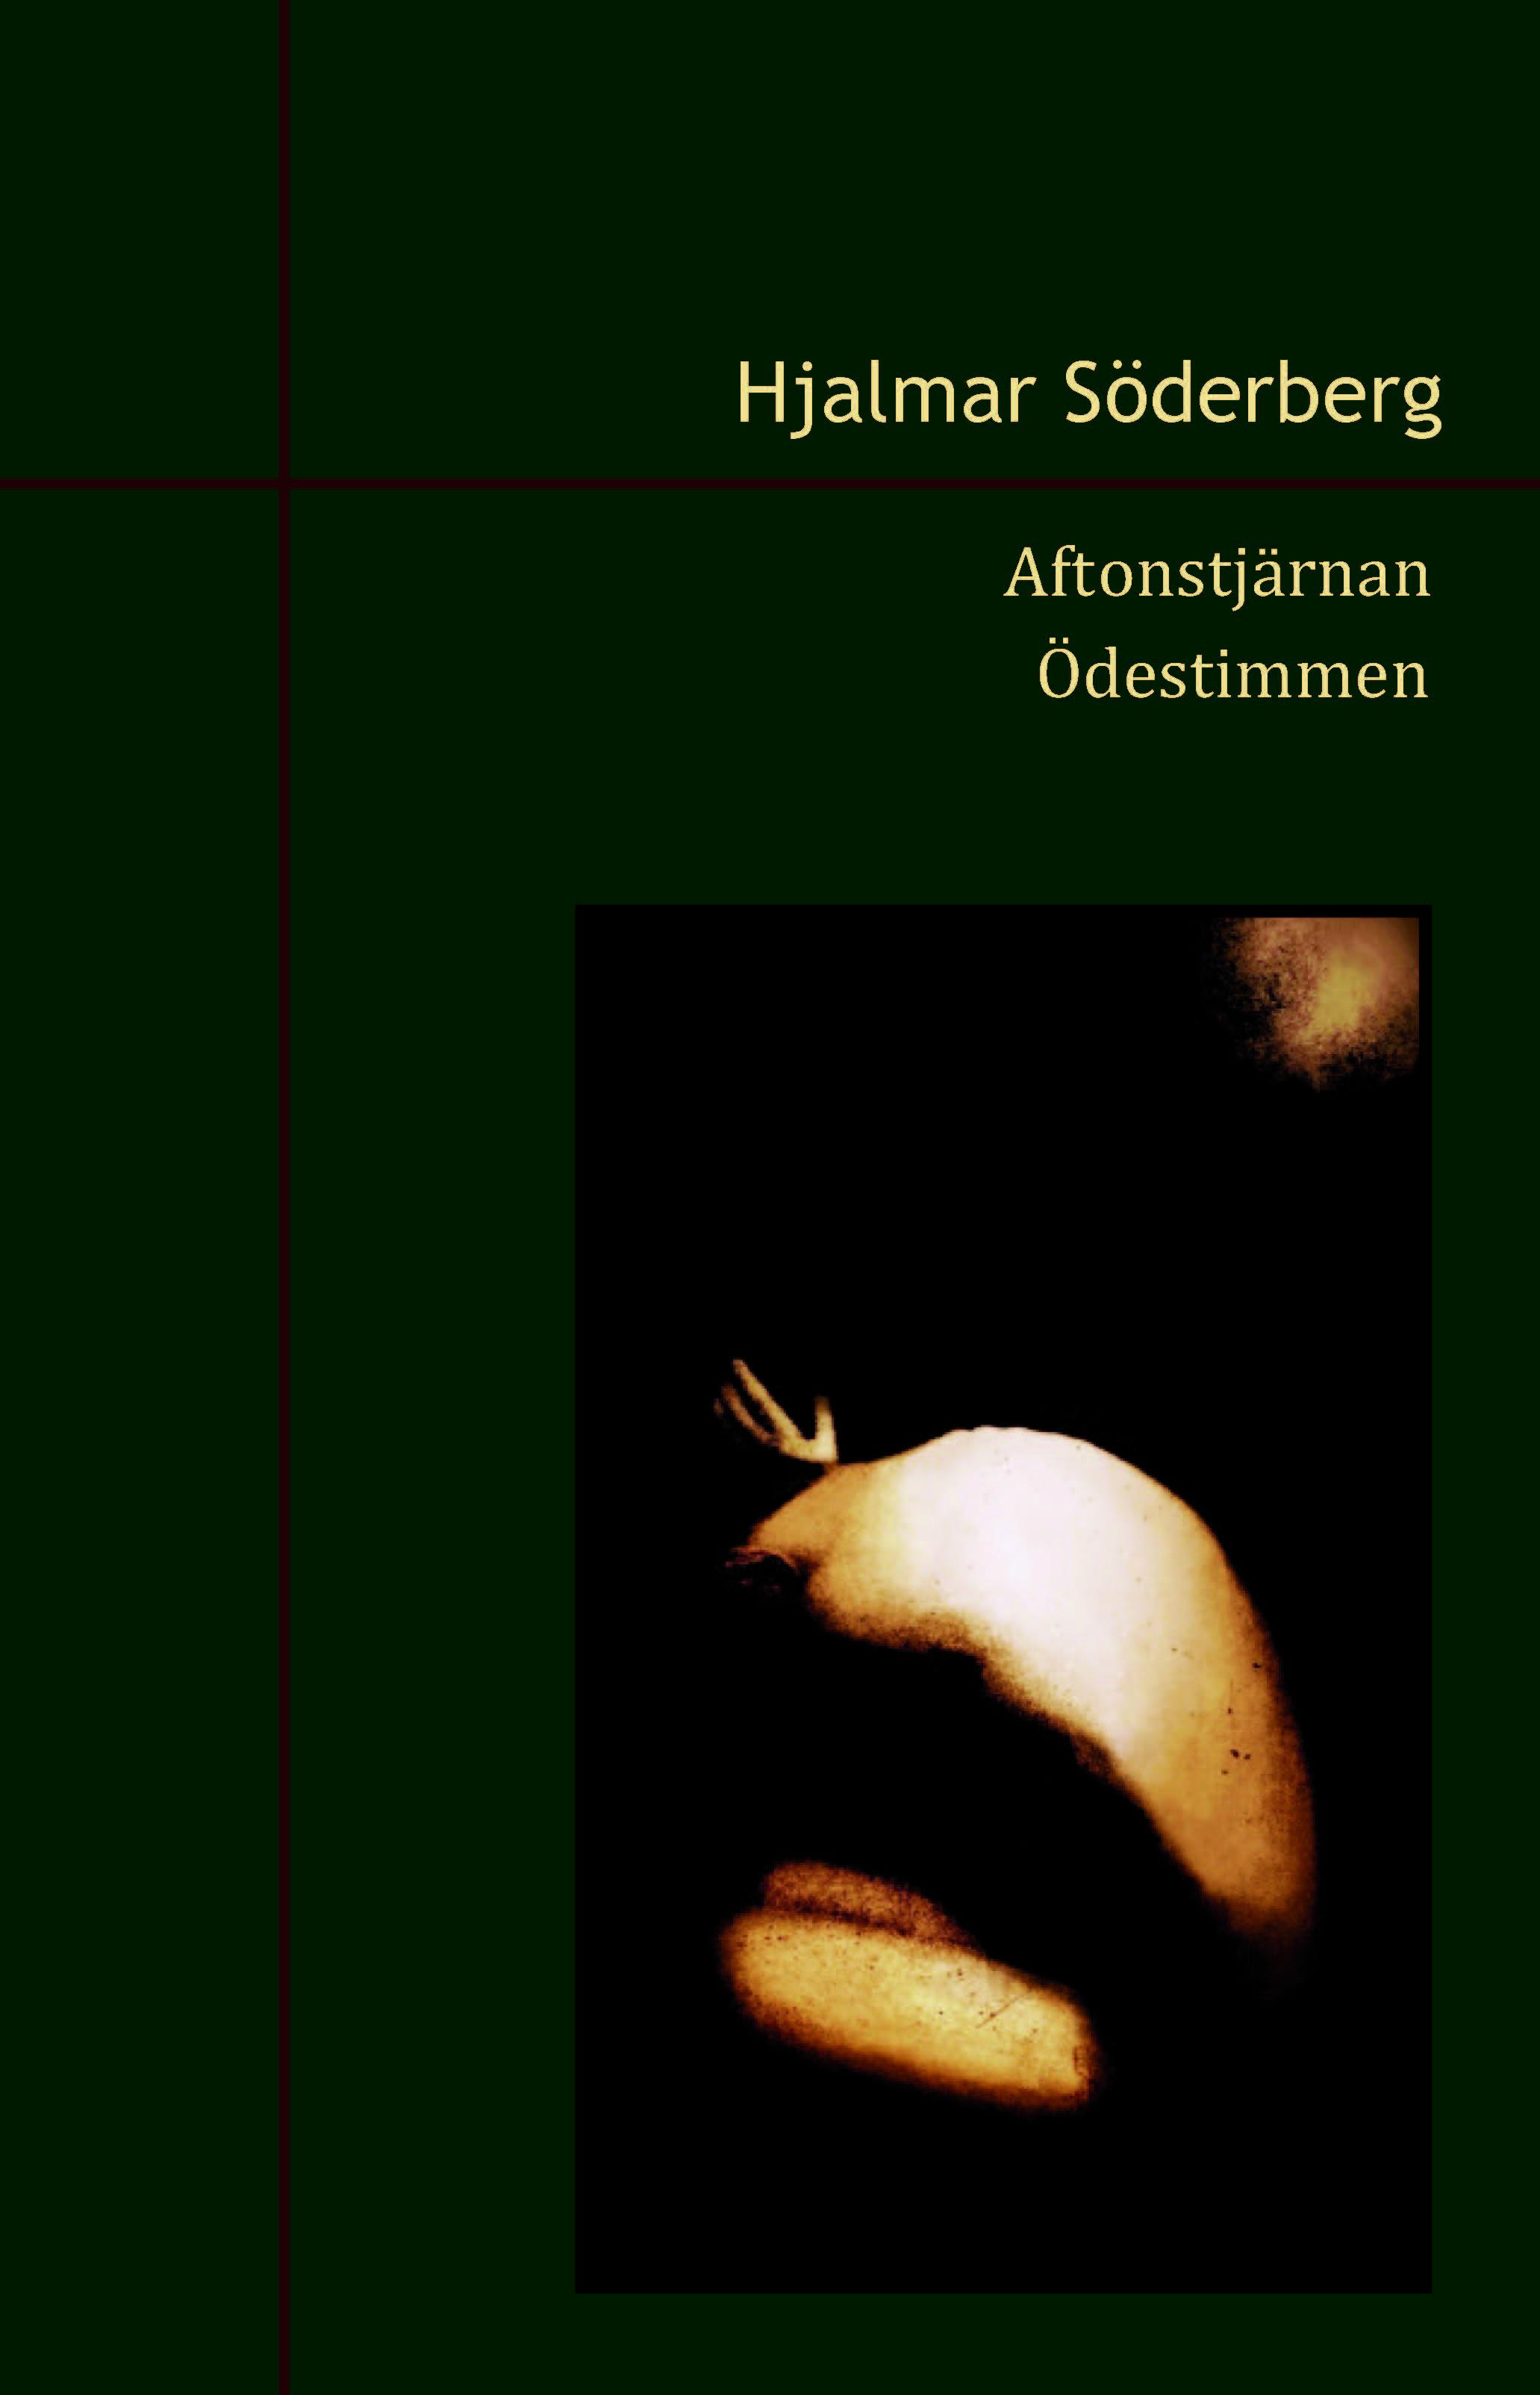 Aftonstjärnan och Ödestimmen av Hjalmar Söderberg